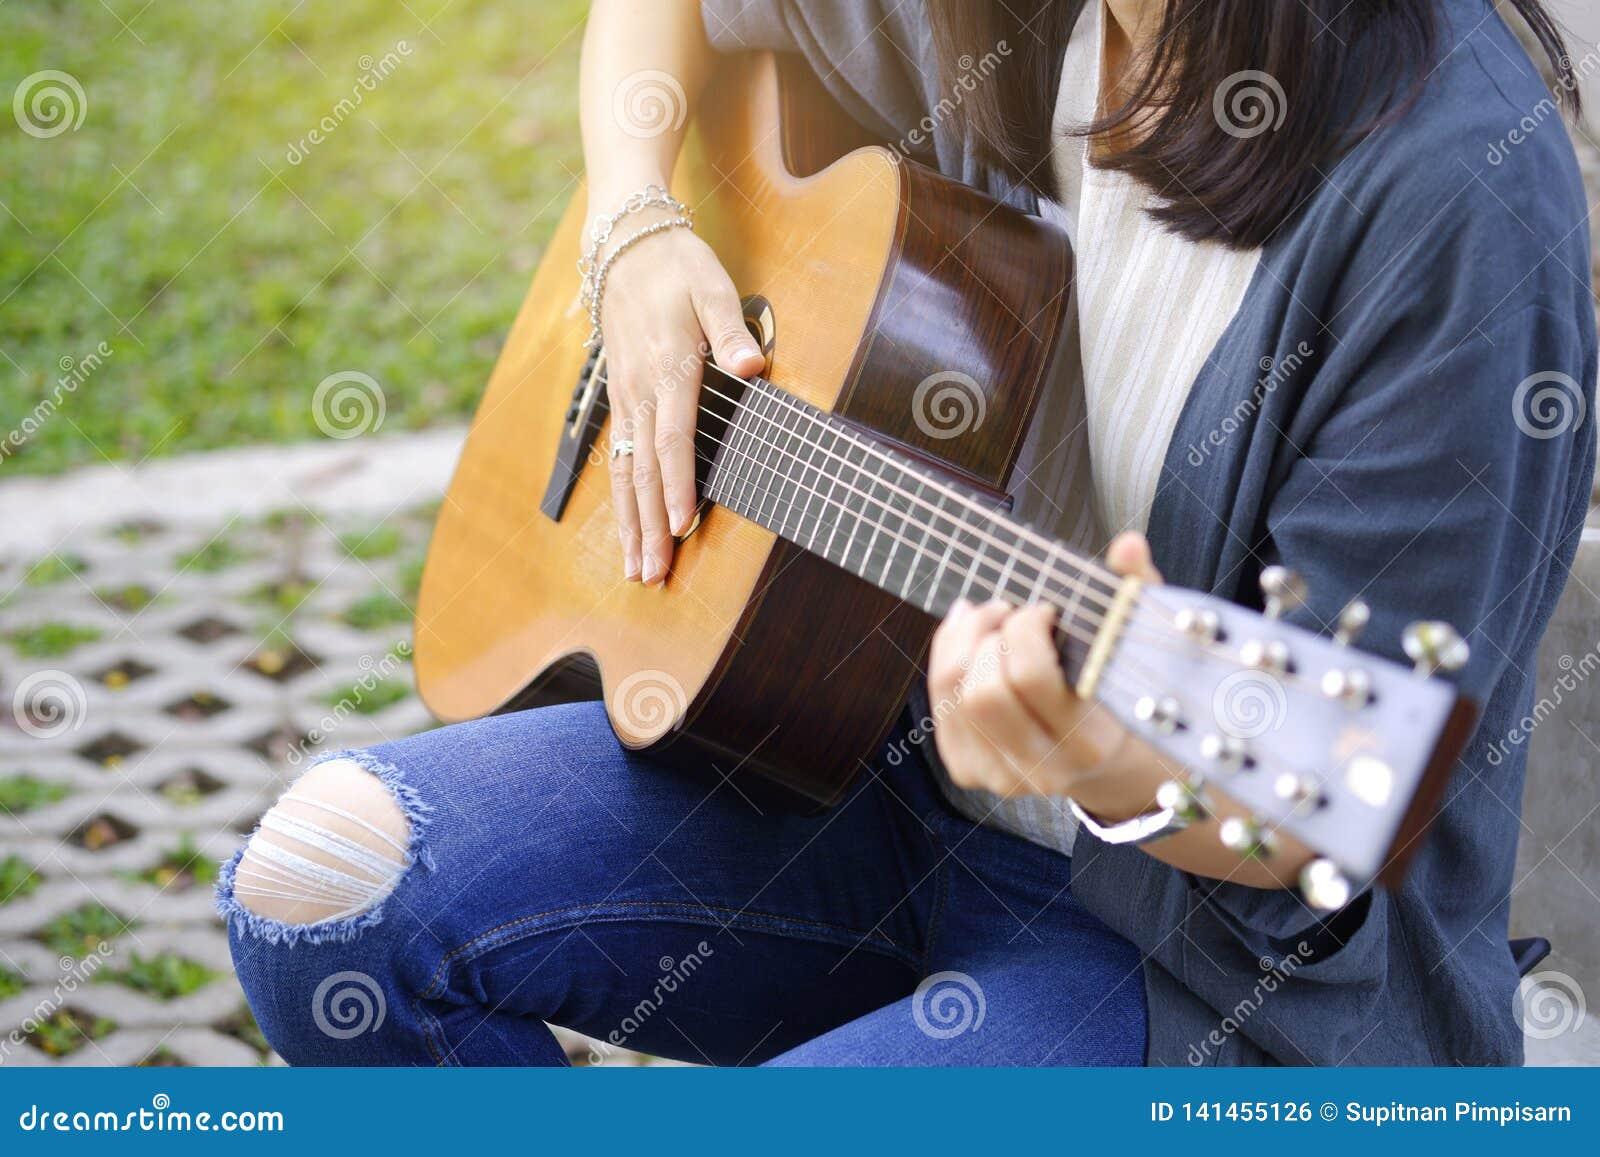 Frauen, die Akustikgitarre im Garten spielen